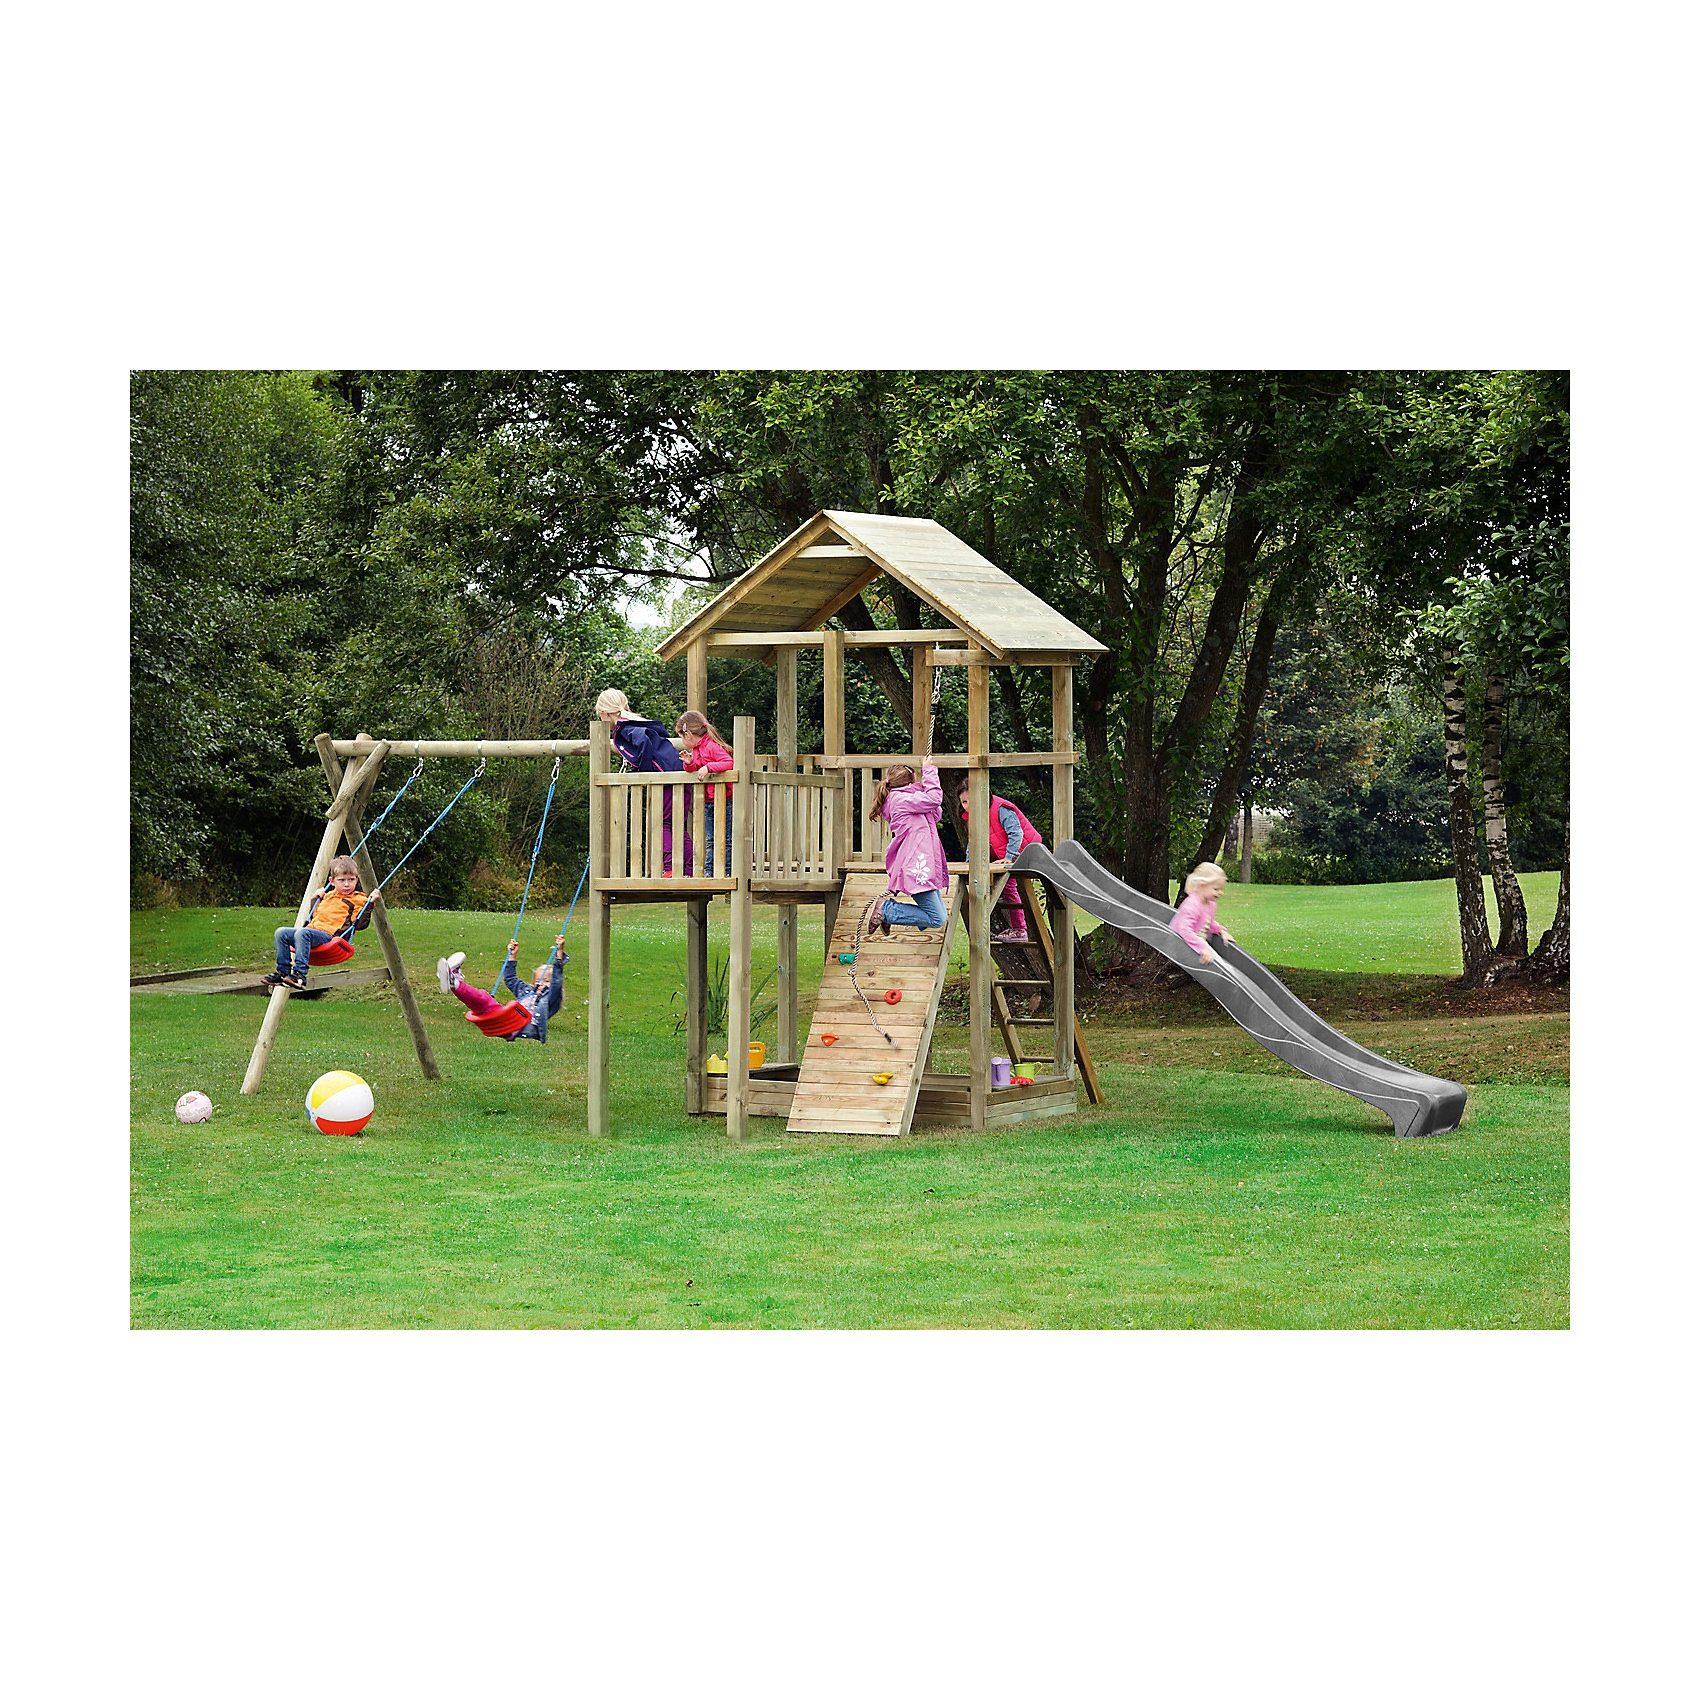 Spielturm mit Holzdach - PIRATE & PRINCESS 12 - ohne Rutsche